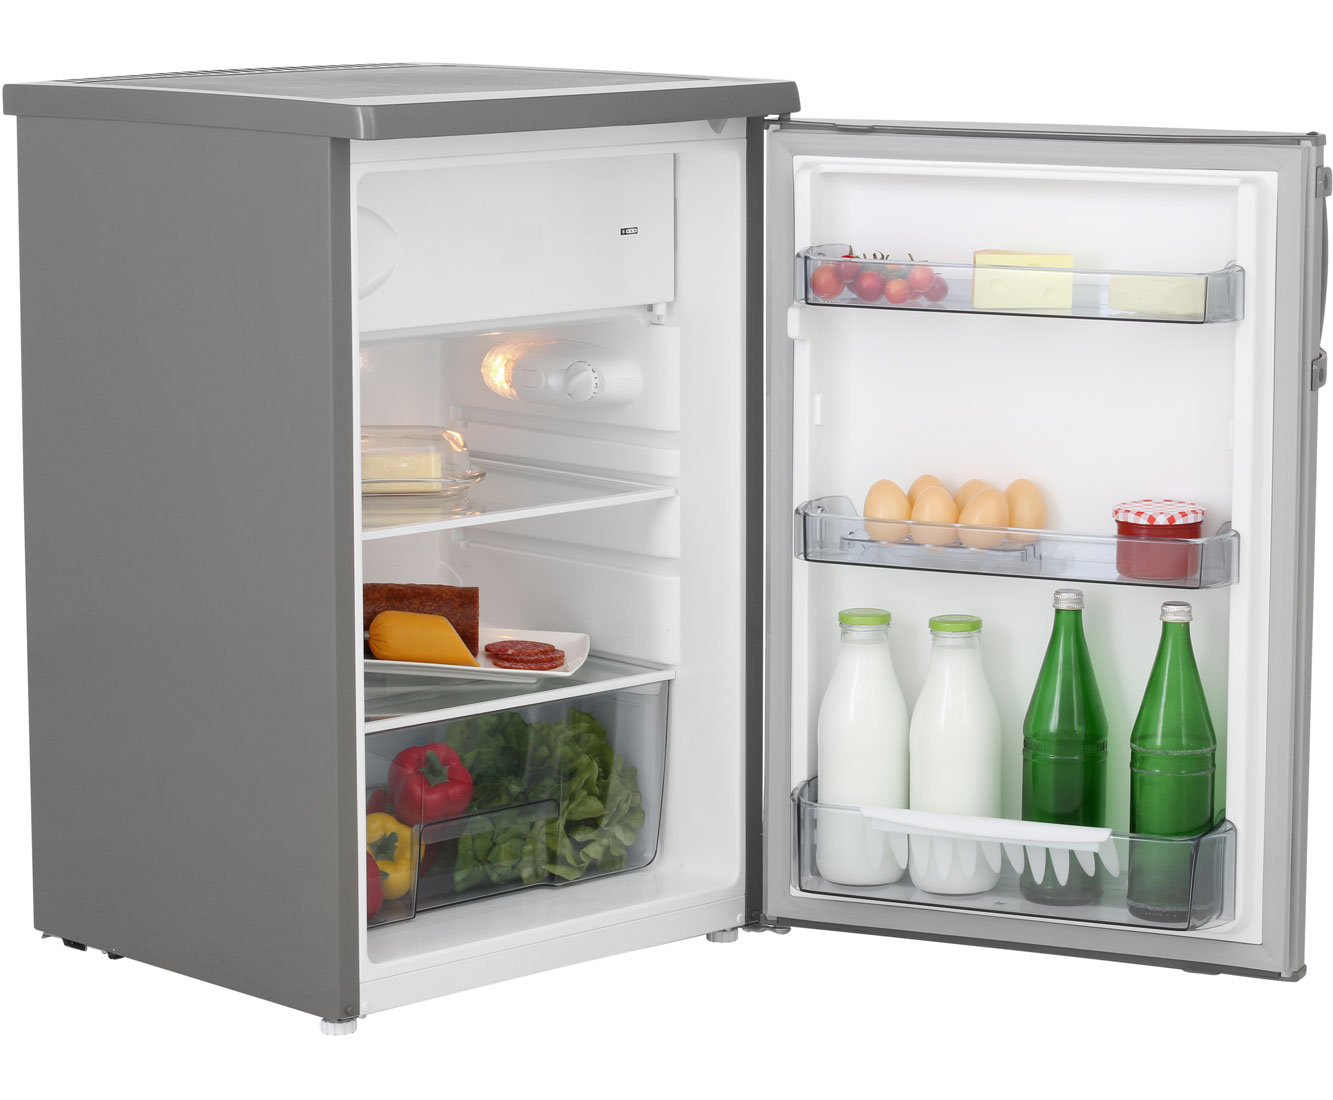 Aldi Nord Kühlschrank Mit Gefrierfach : Kühlschrank a gorenje kühlschränke günstig kaufen bei mediamarkt